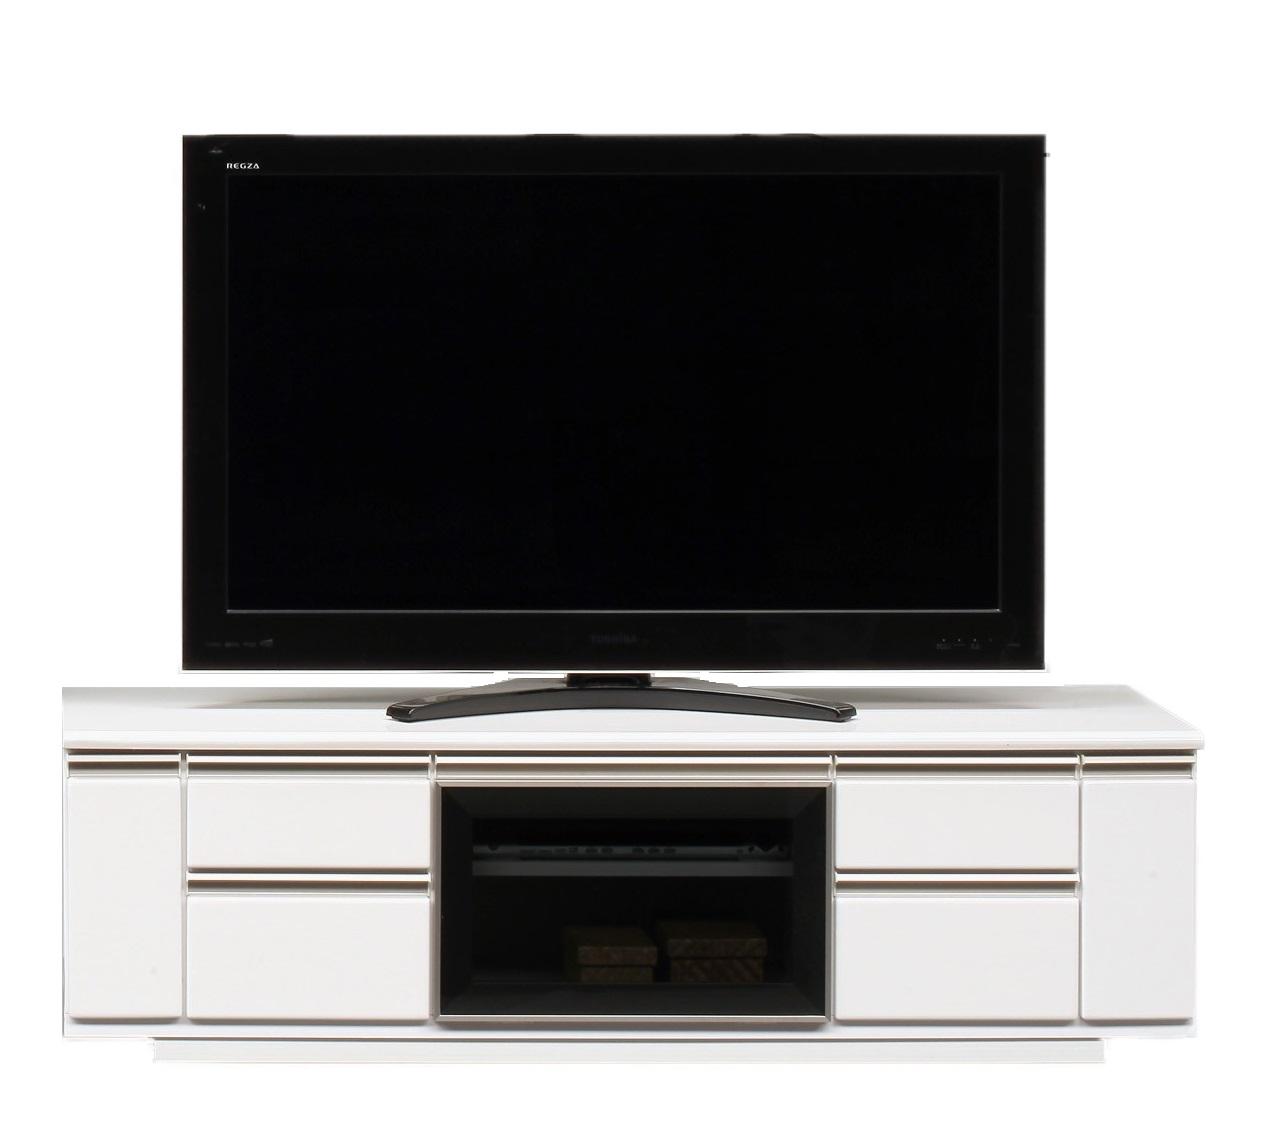 【送料無料】横幅 150 TVボード テレビボード テレビ TV 収納 コンパクト ローボード テレビ台 てれび 北欧 モダン ホワイト 白色 白 68型 54型 大容量 木目 おしゃれ 完成品 引き出し 家具 ロータイプ